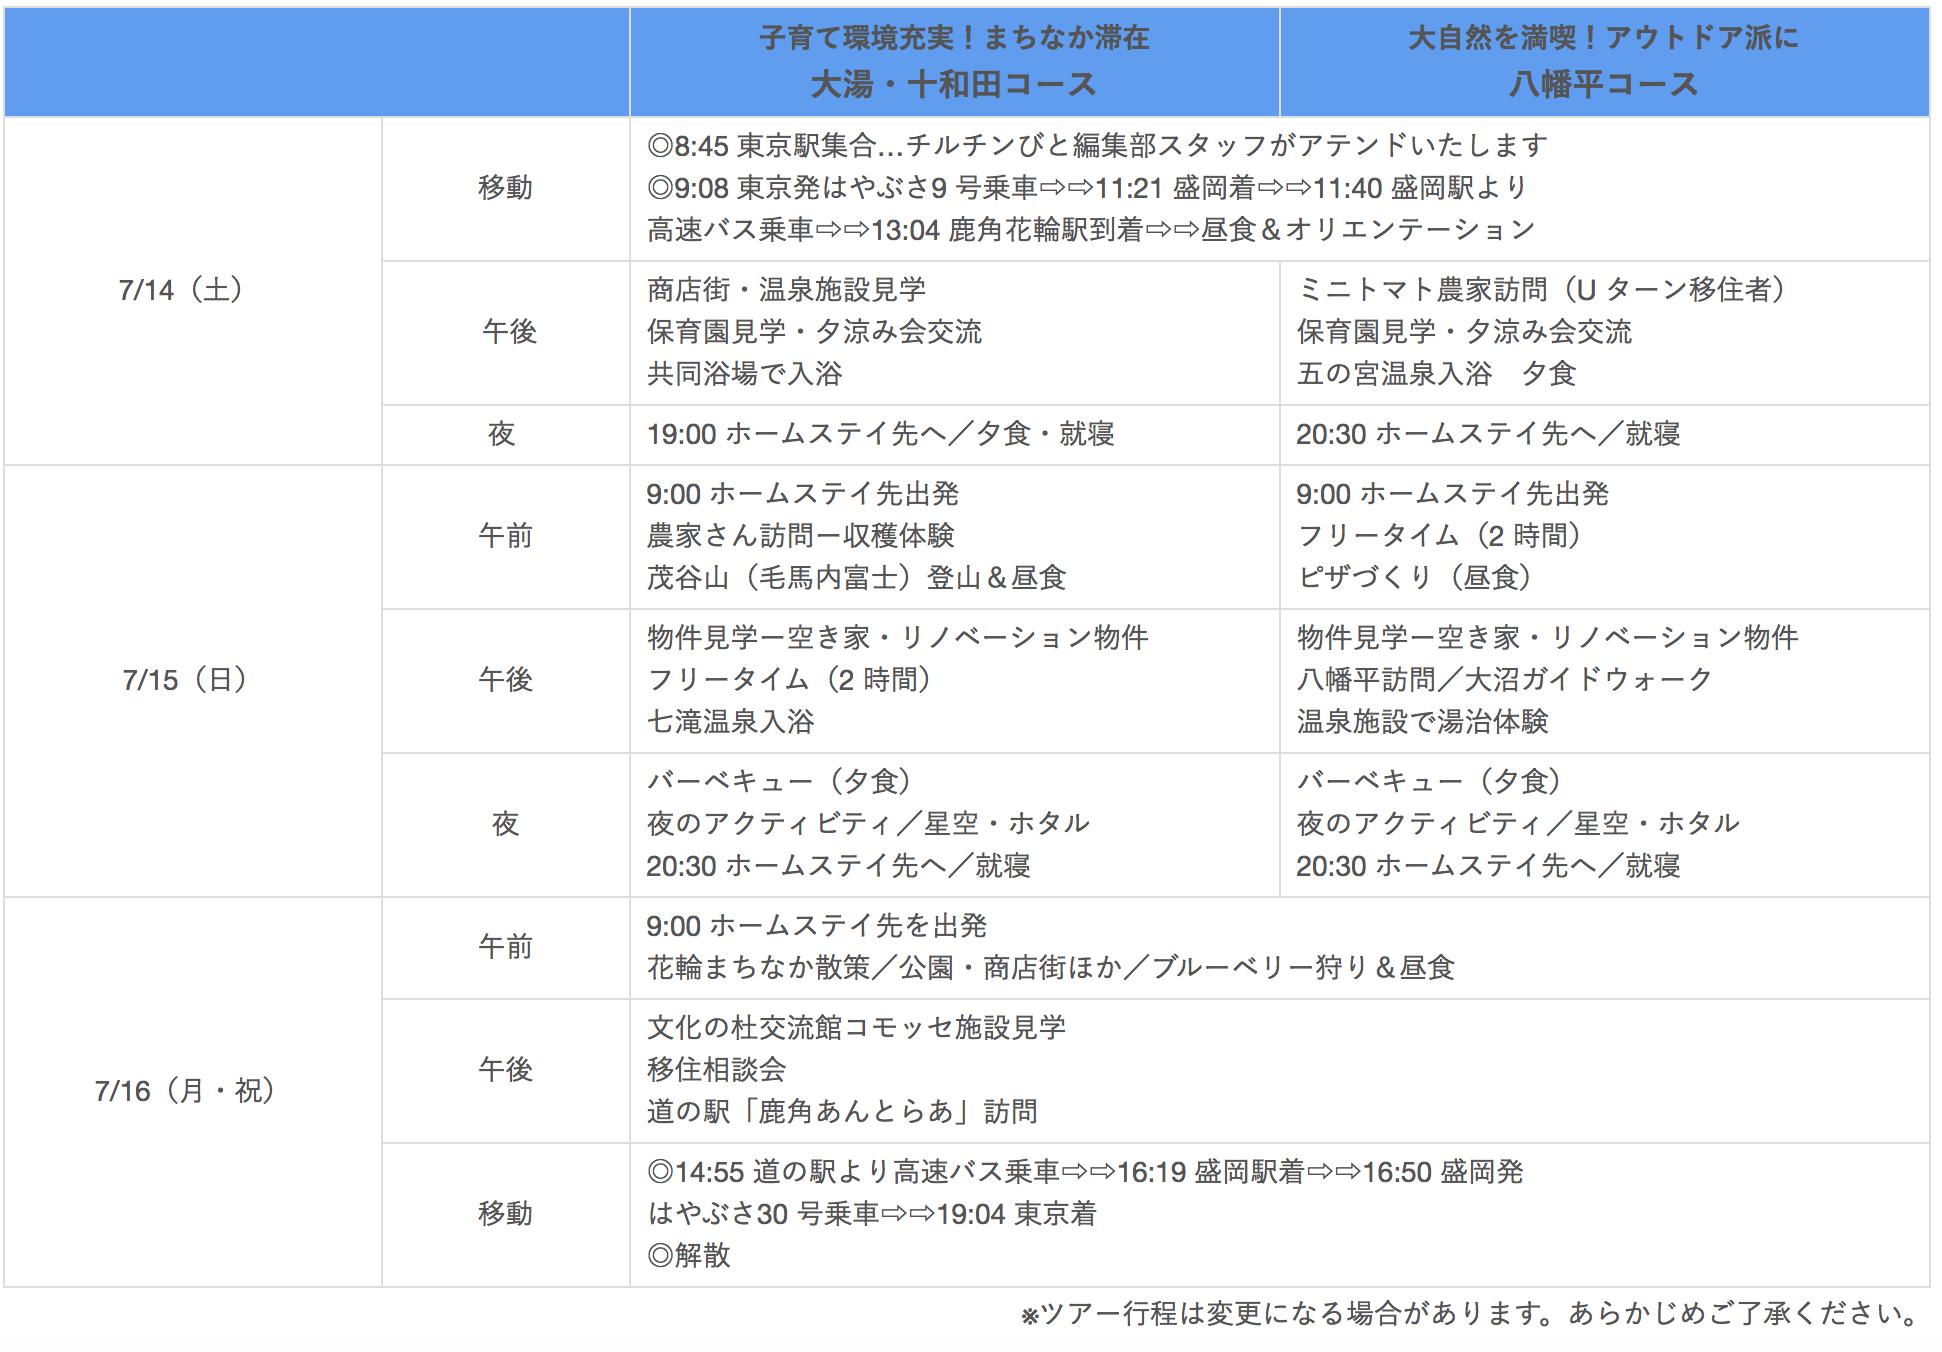 スクリーンショット 2018-06-05 15.37.07